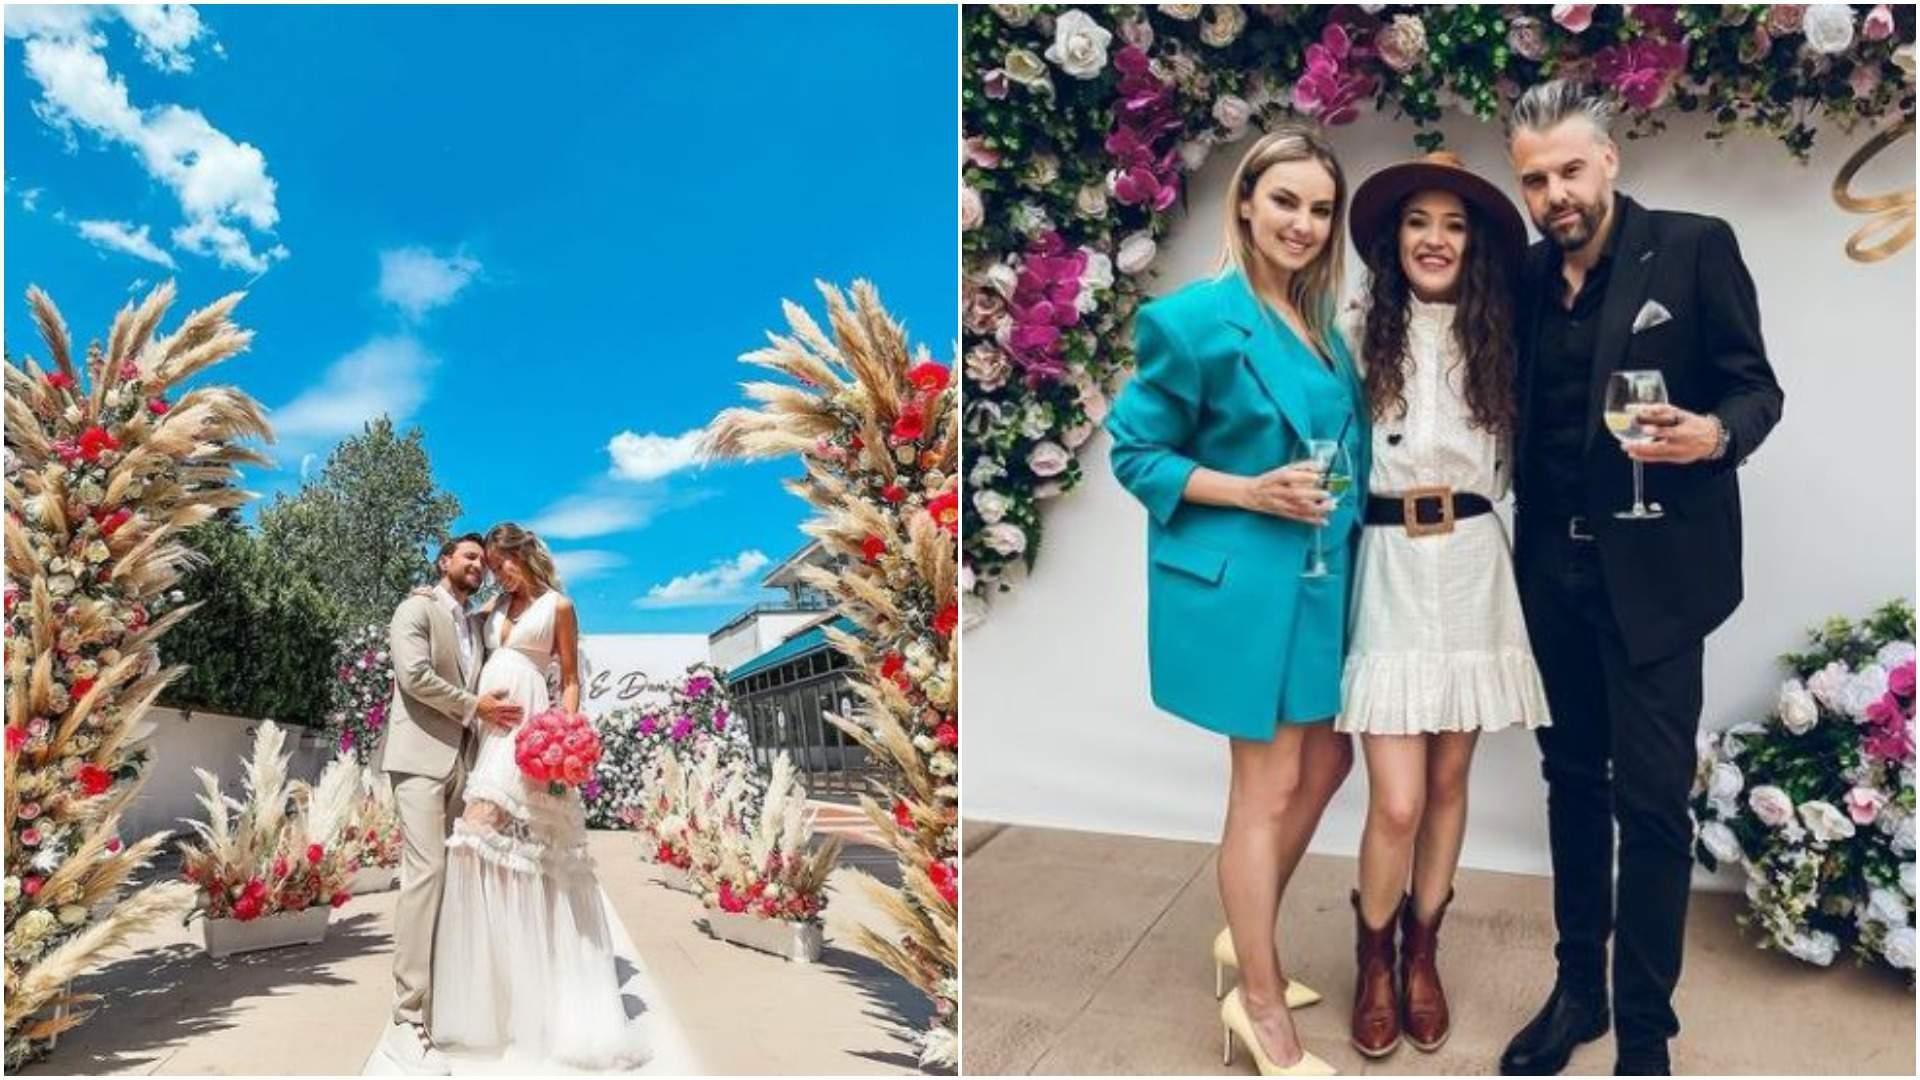 Colaj cu Dani Oțil și Gabriela Prisăcariu, îmbrățișați, la nuntă/ Tinu Vidaicu, Roxana Ionescu și Carmen Chindriș.